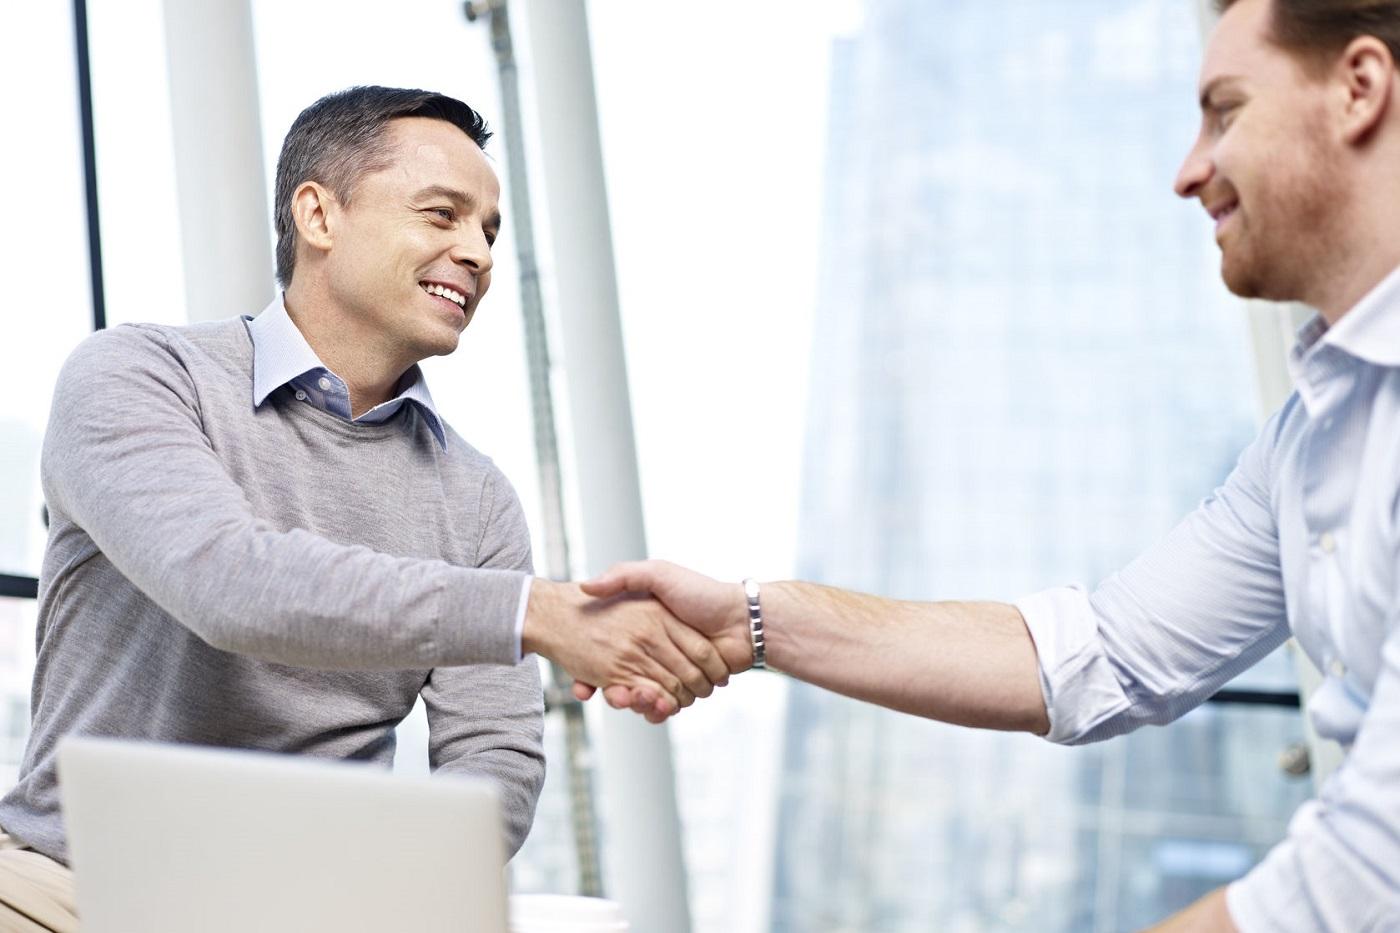 Quem não agrada um chefe, nunca vai agradar um cliente